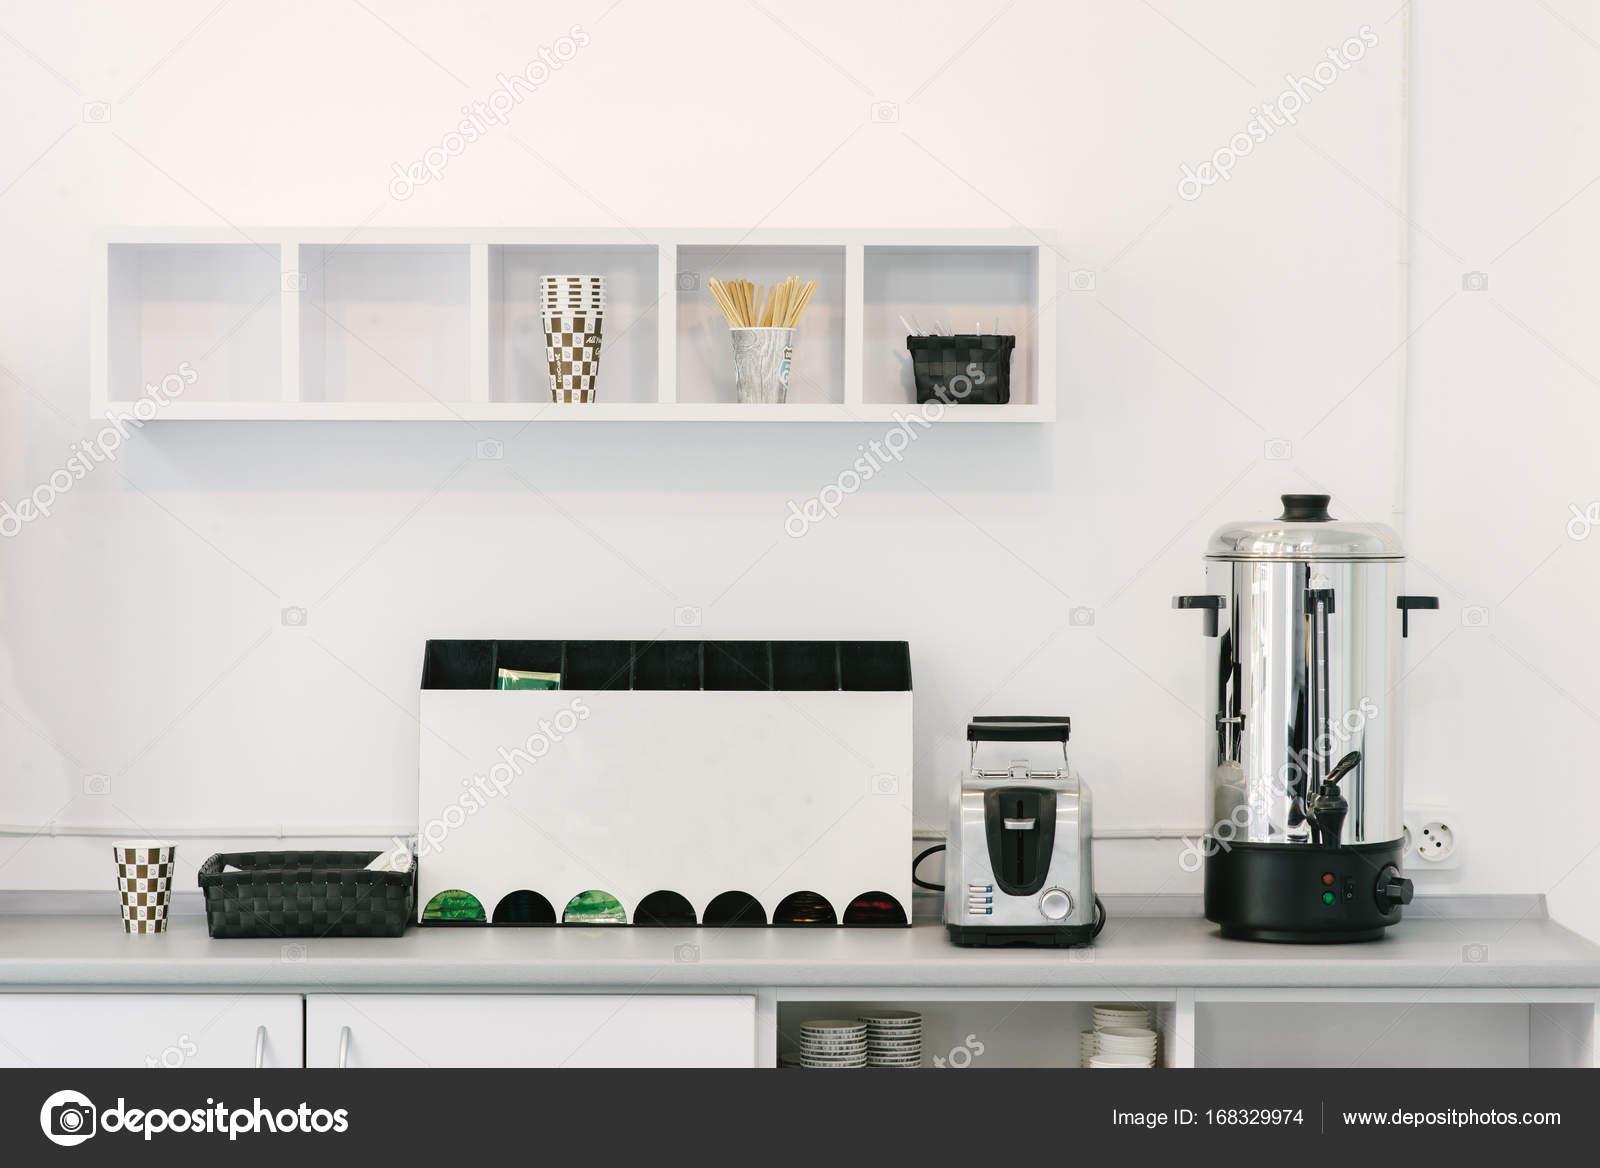 Modern minimalistisch design van de keuken huishoudelijke